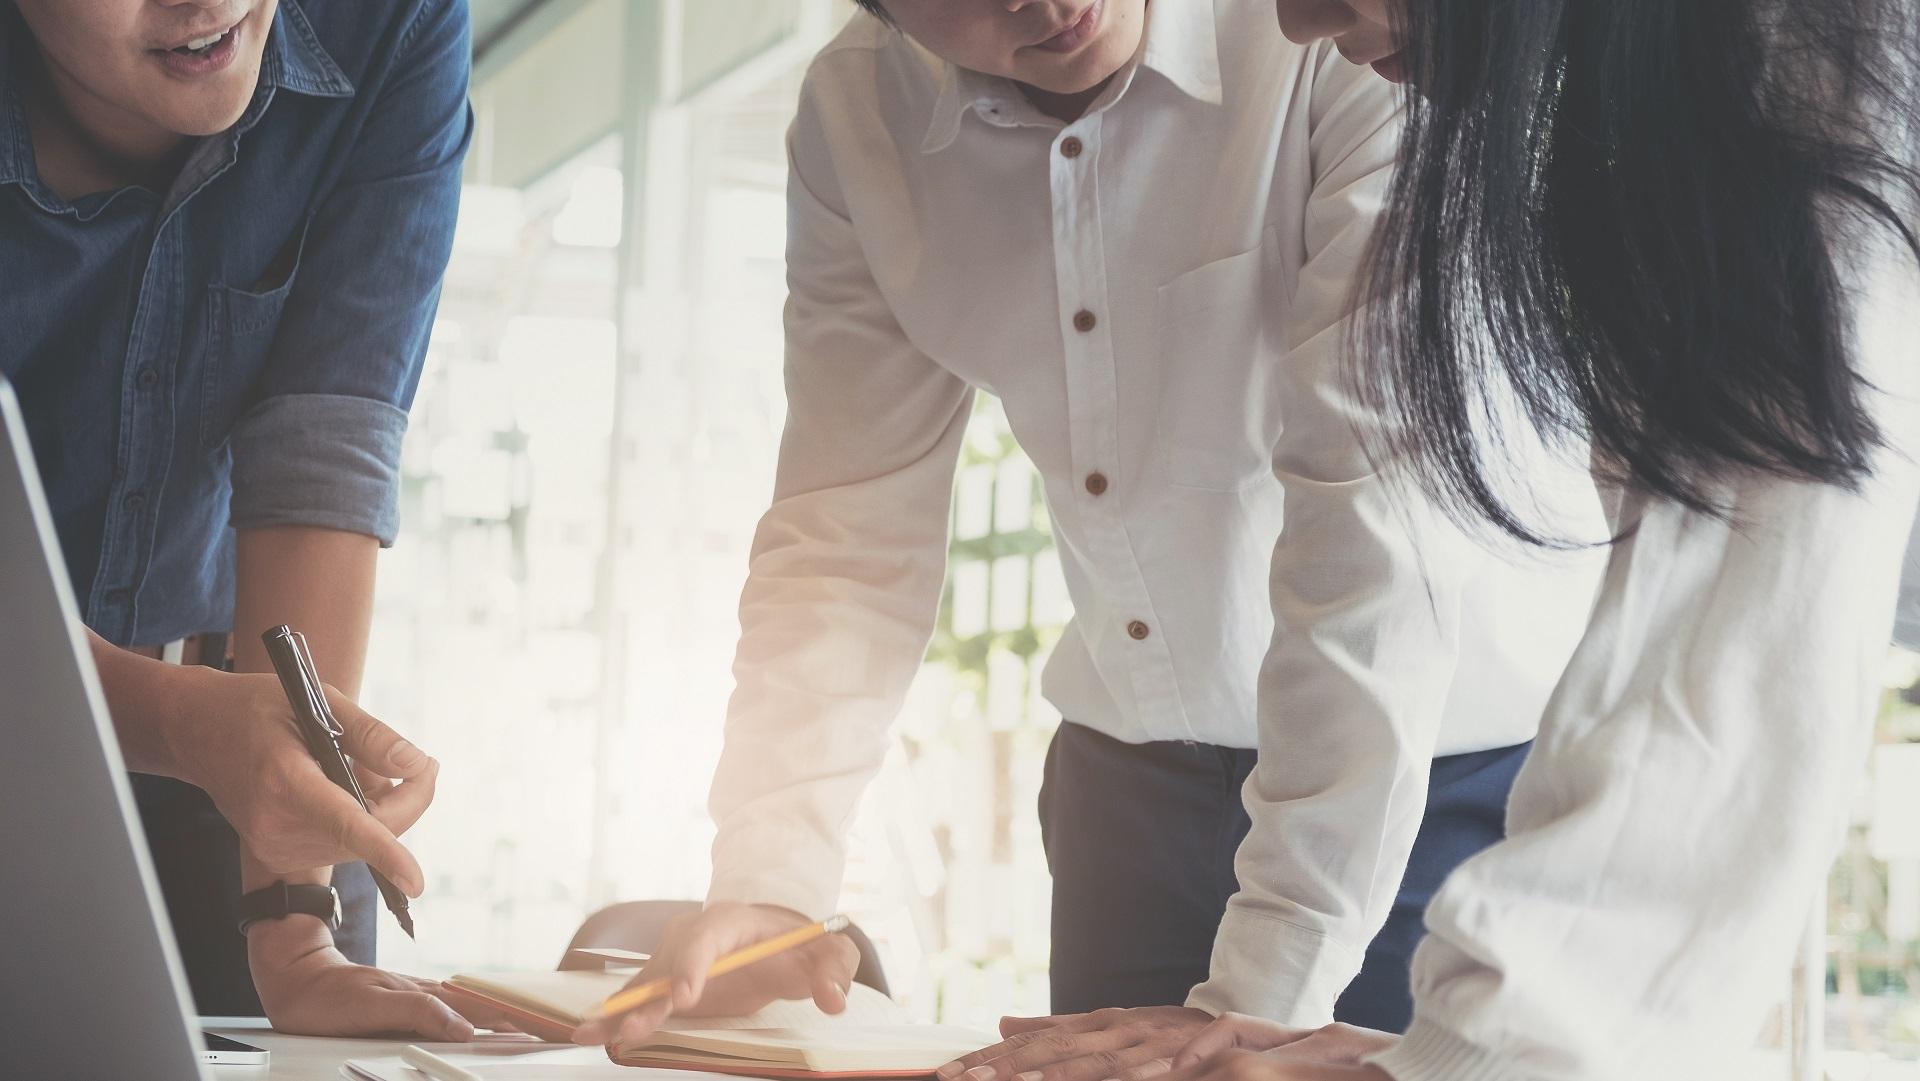 Drei Mitarbeiter stützen sich auf Tisch ab während einer Besprechung